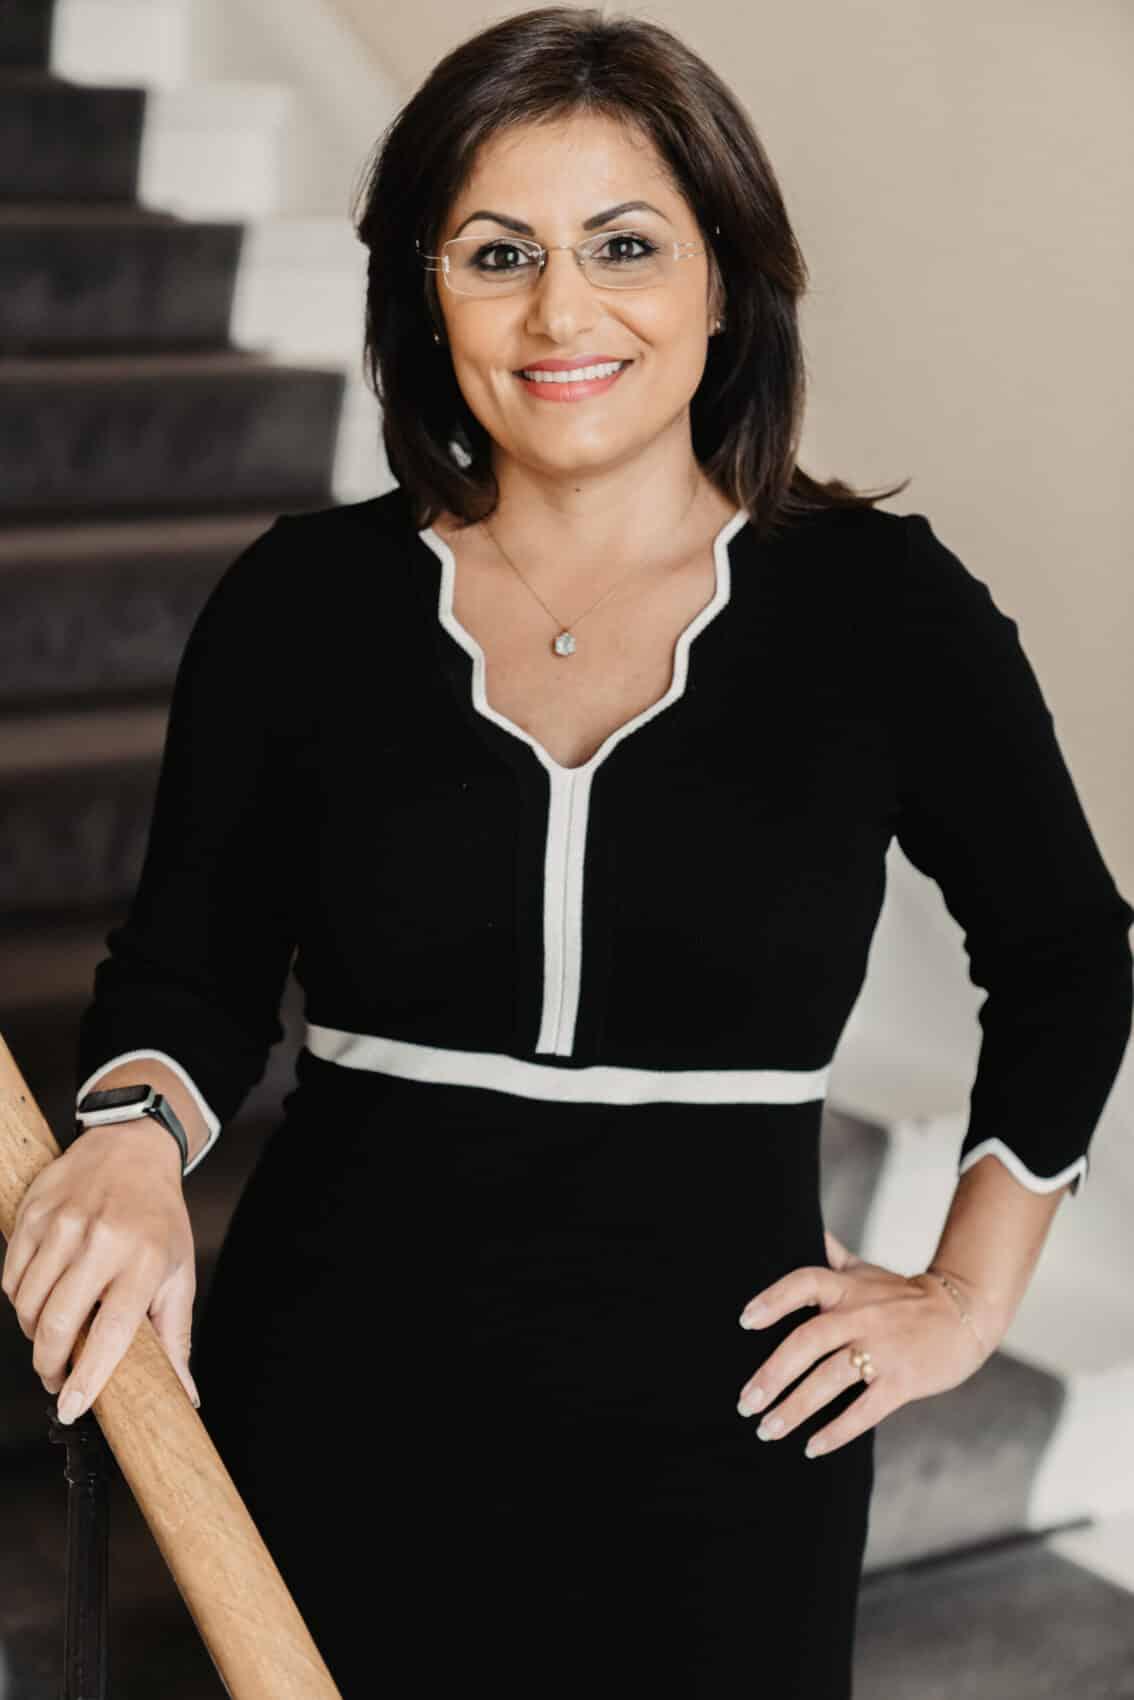 Maryam Neisi